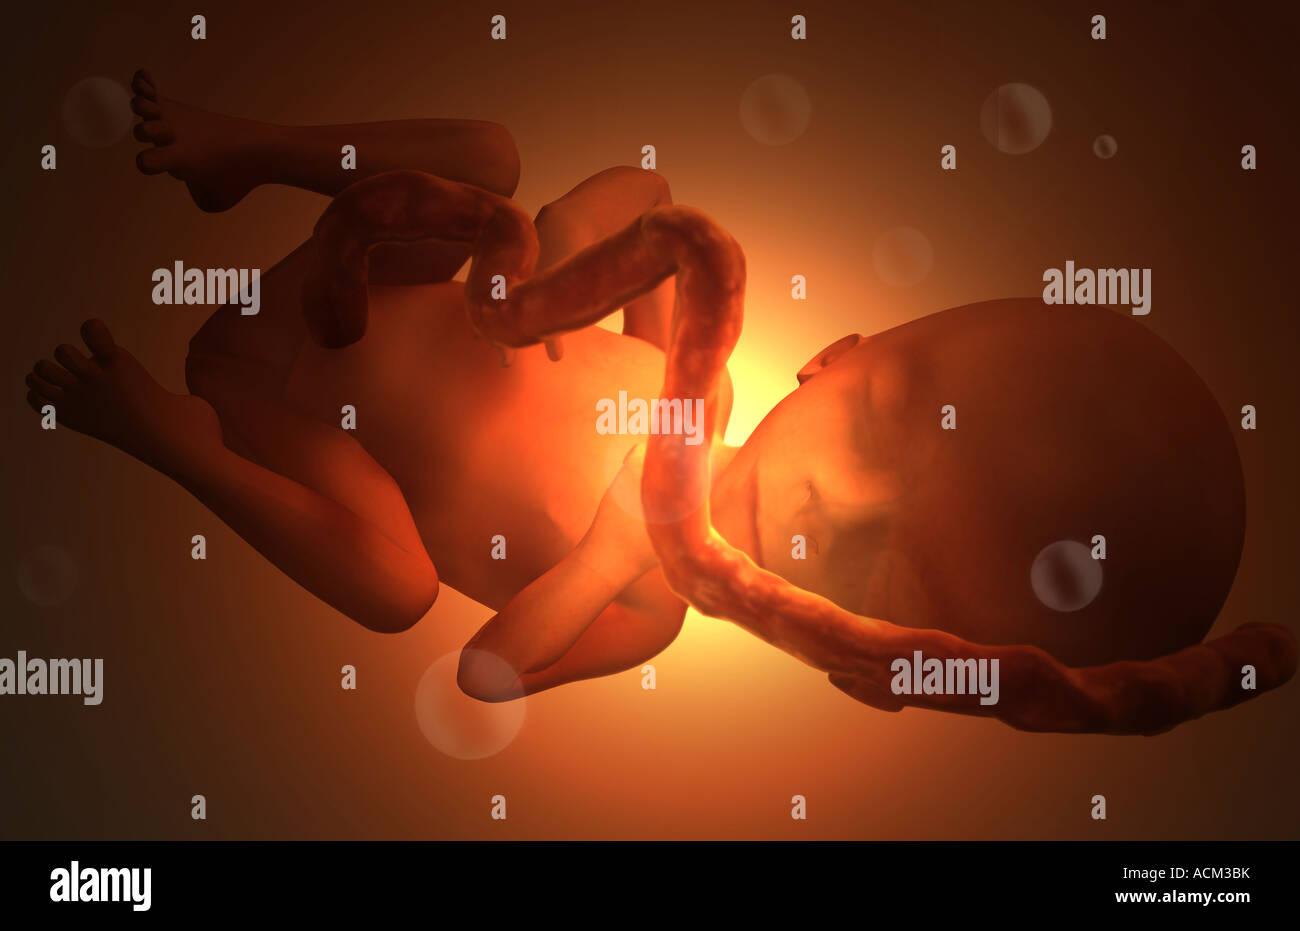 Фото половых органов мальчика и девочки 20 недель беременности 3